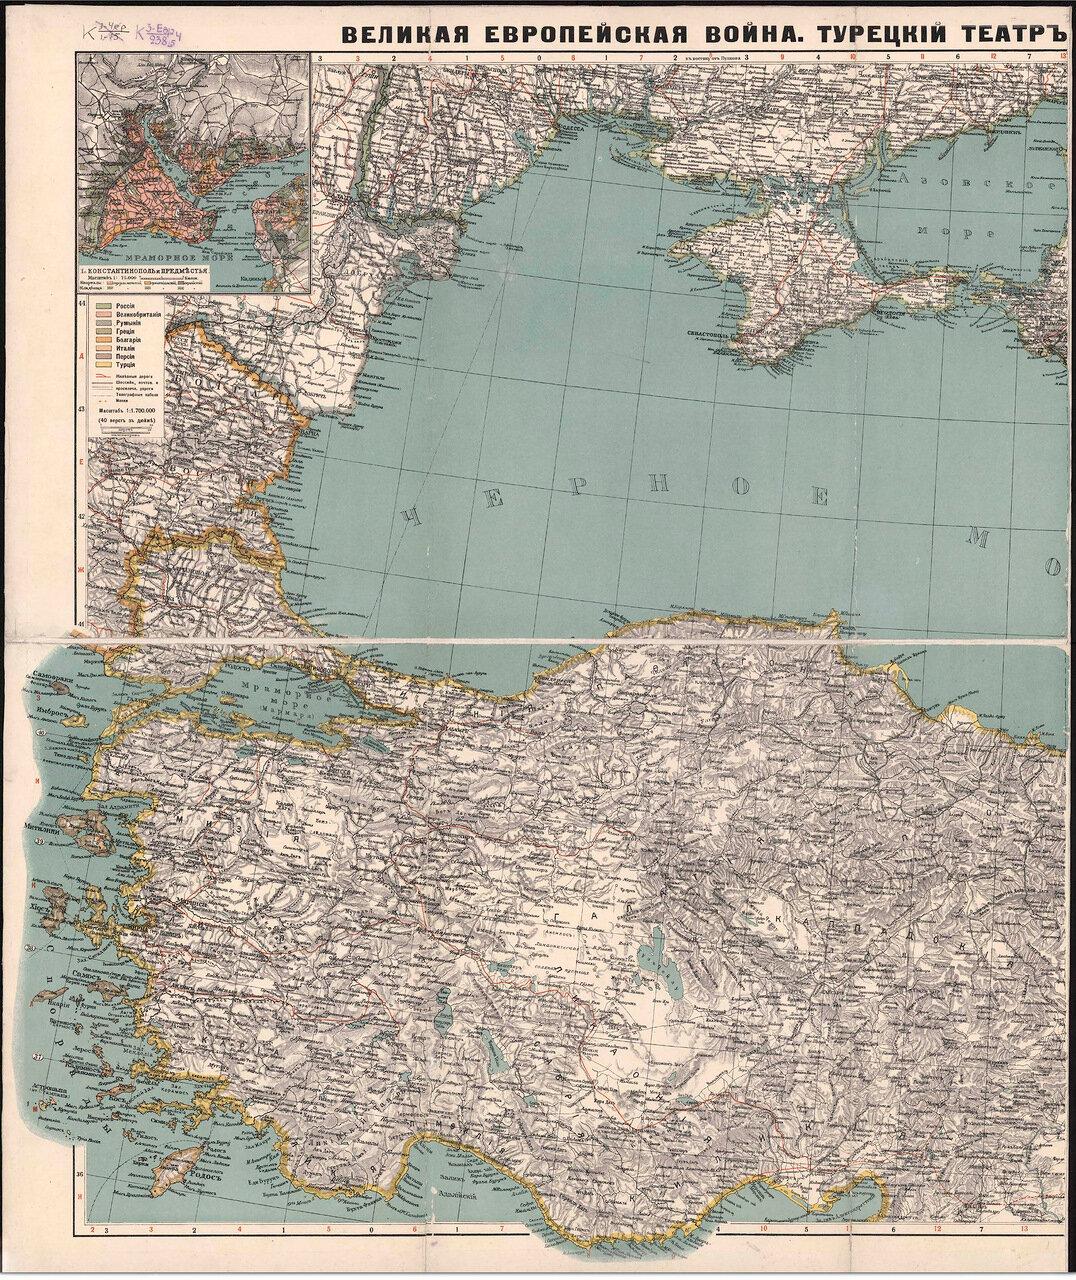 Великая Европейская война. Турецкий театр военных действий